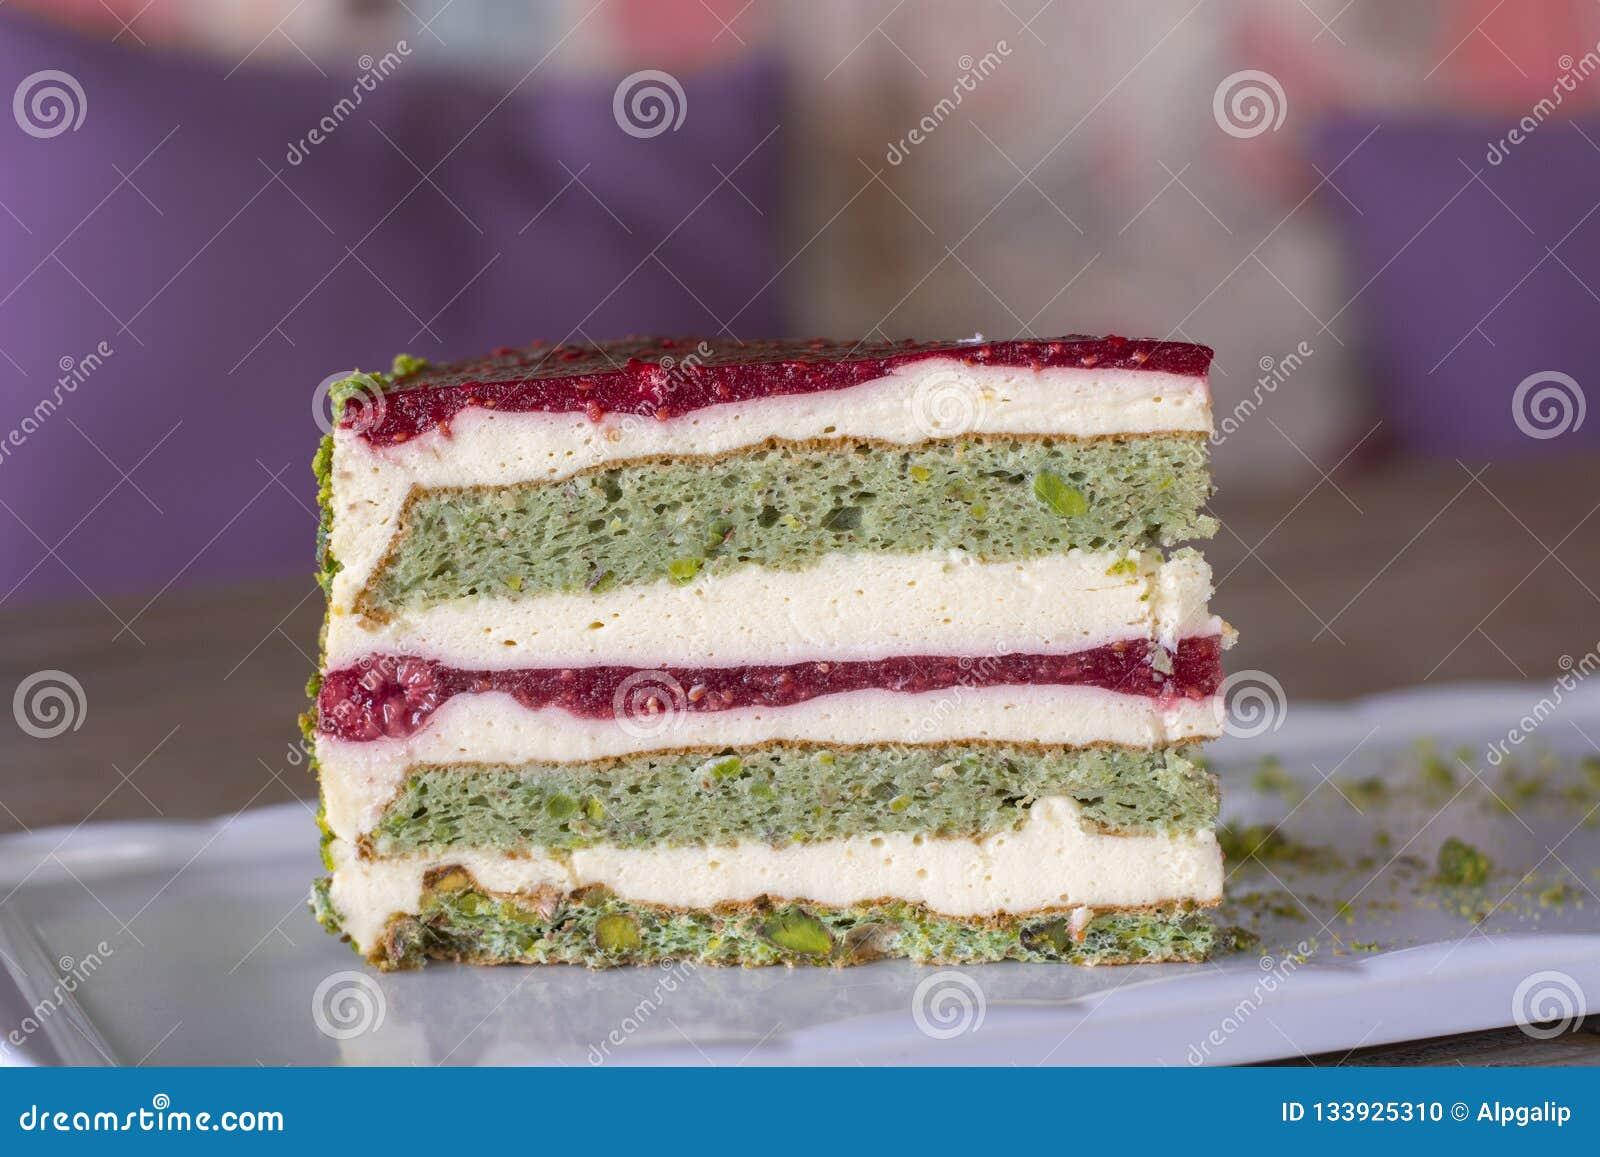 Торт фисташки и ягоды на белой плите